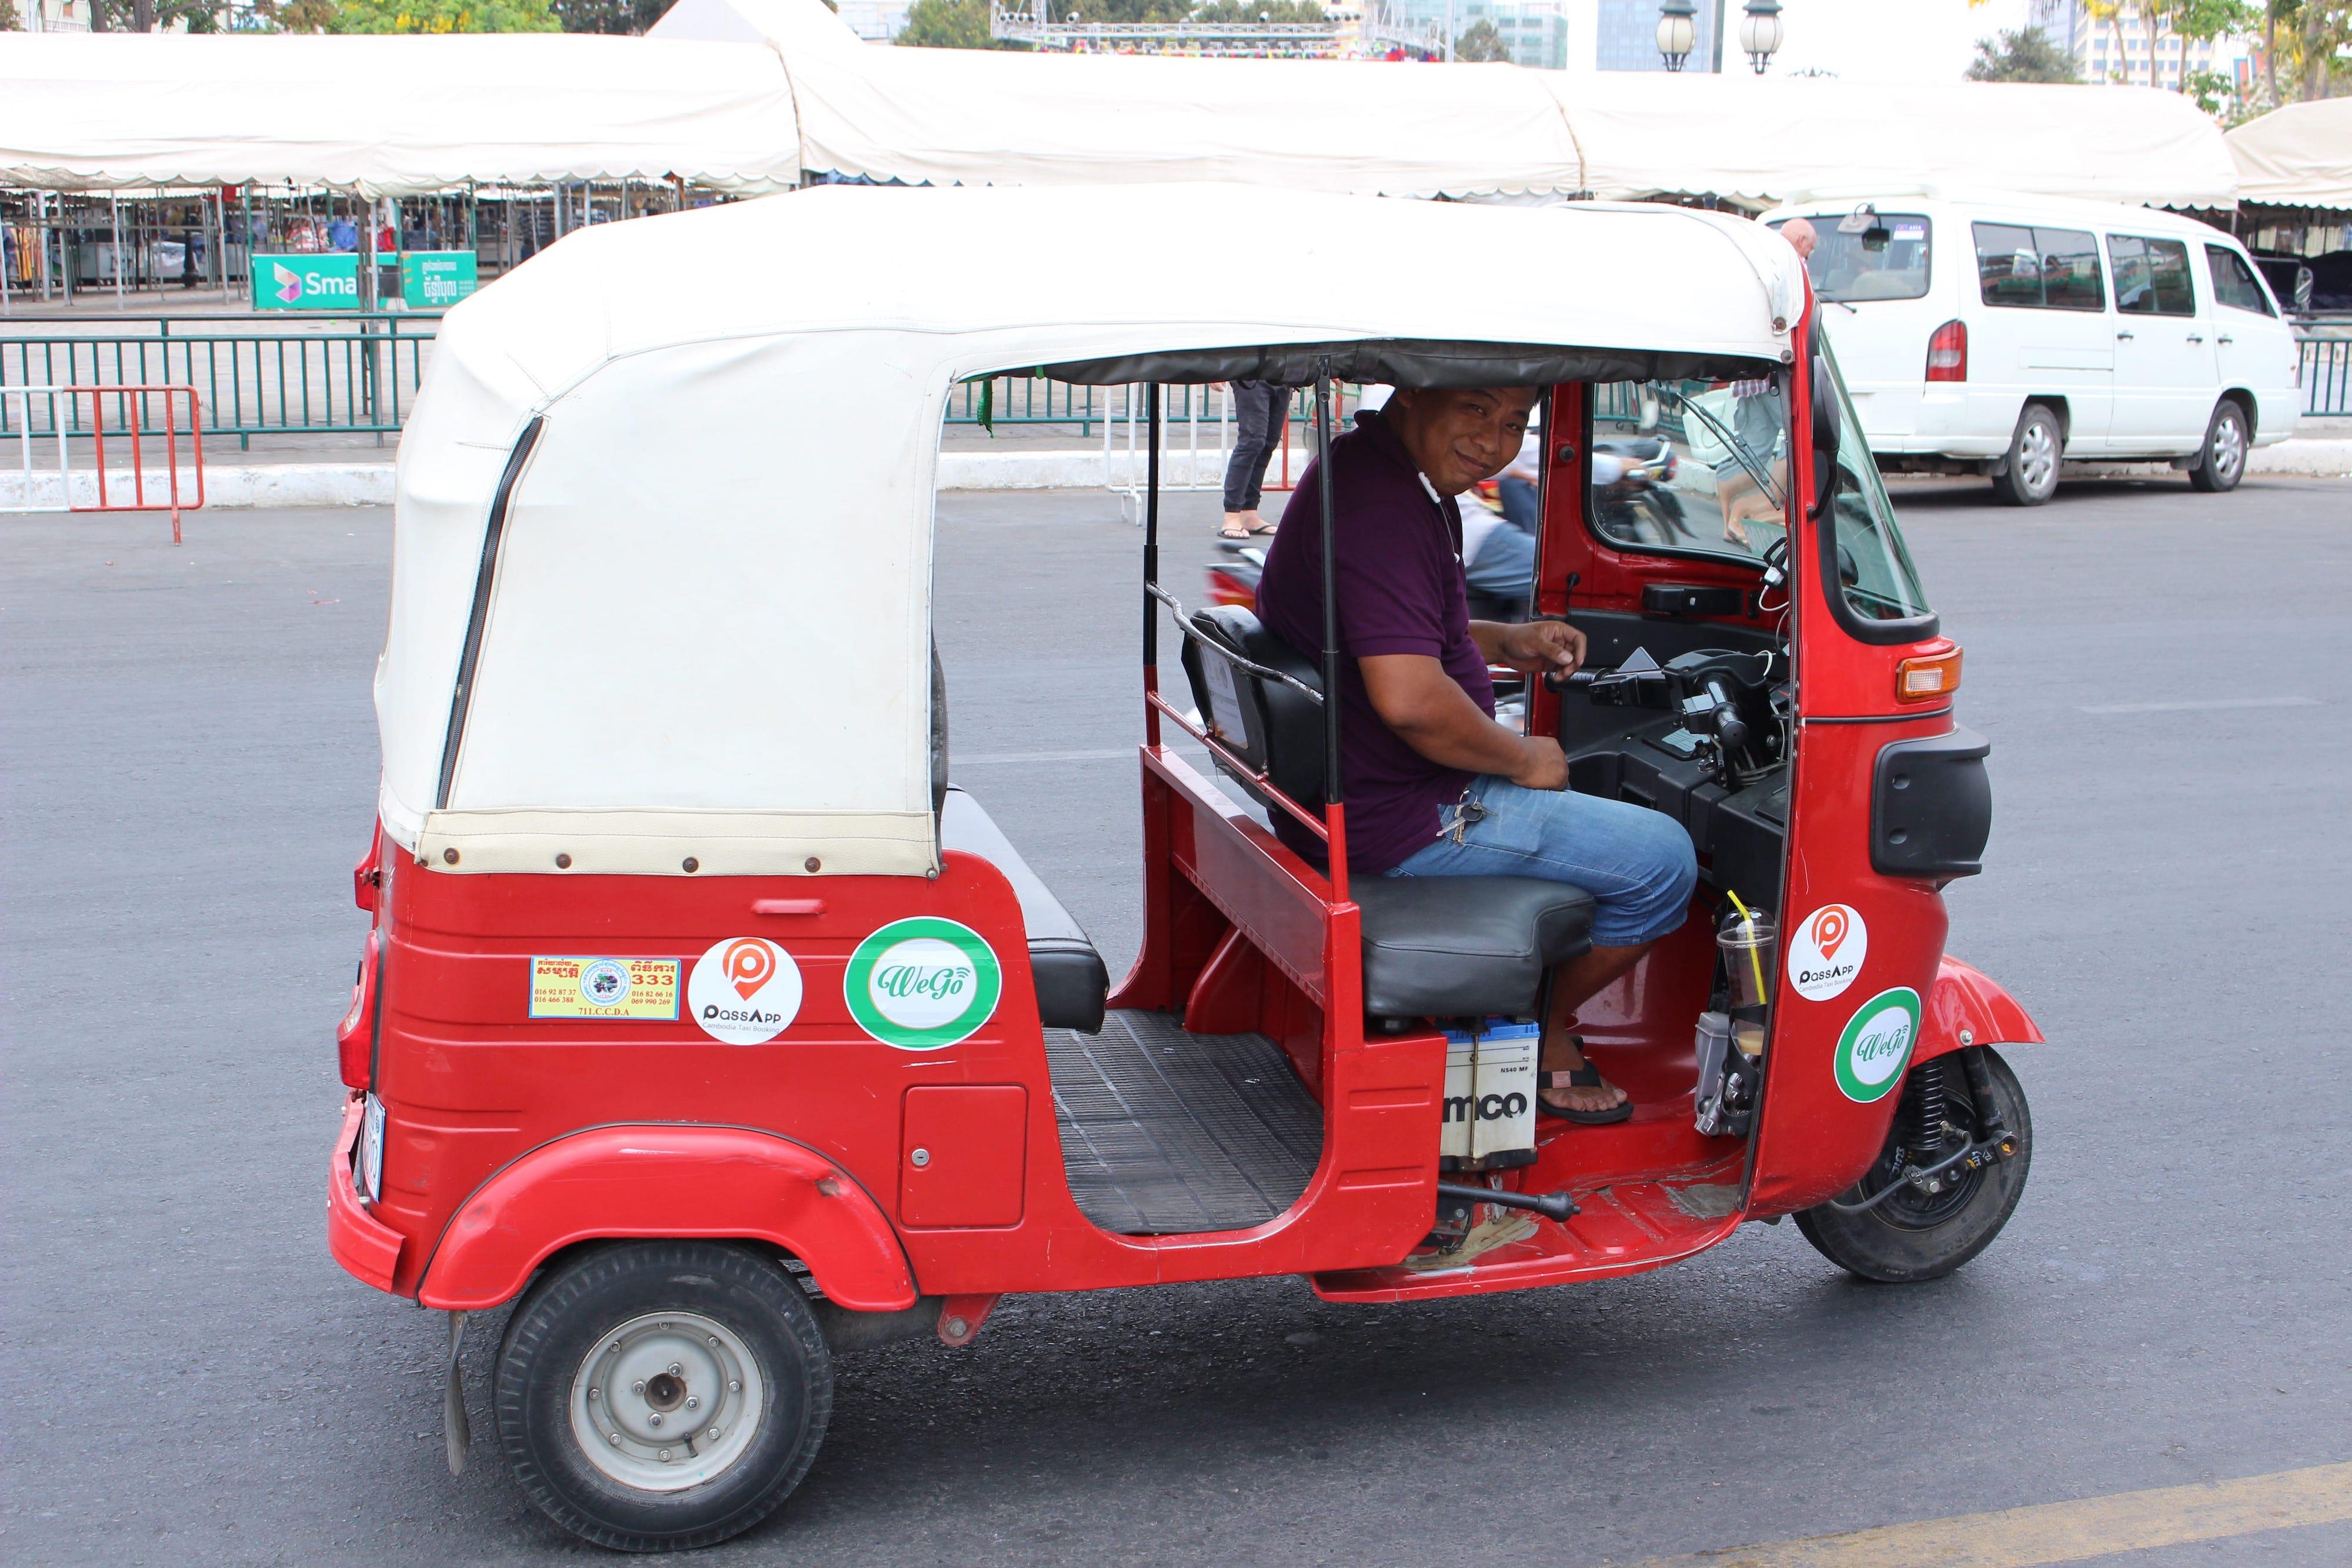 いつでもどこでもスマホで呼び出し! カンボジア生活に必須の配車アプリ使用レポート